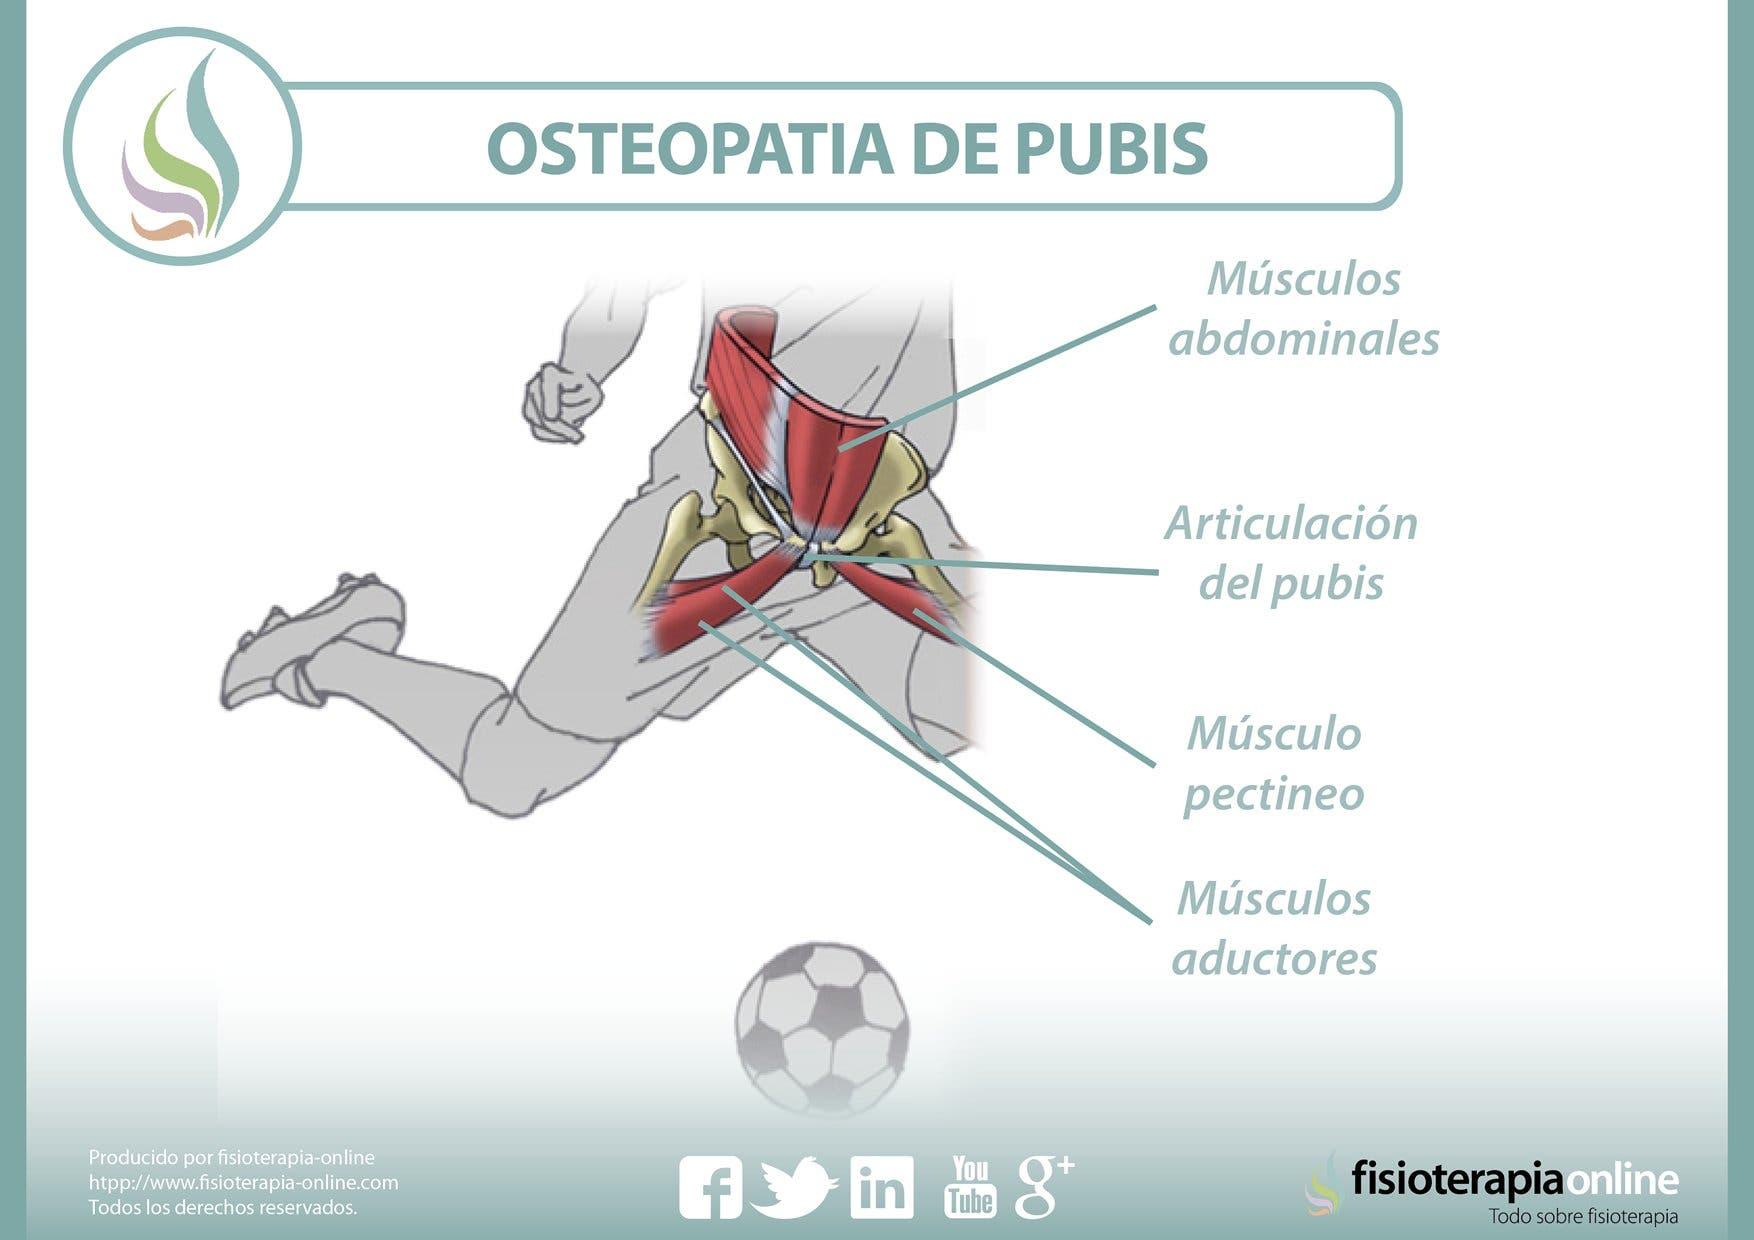 osteopatía de pubis